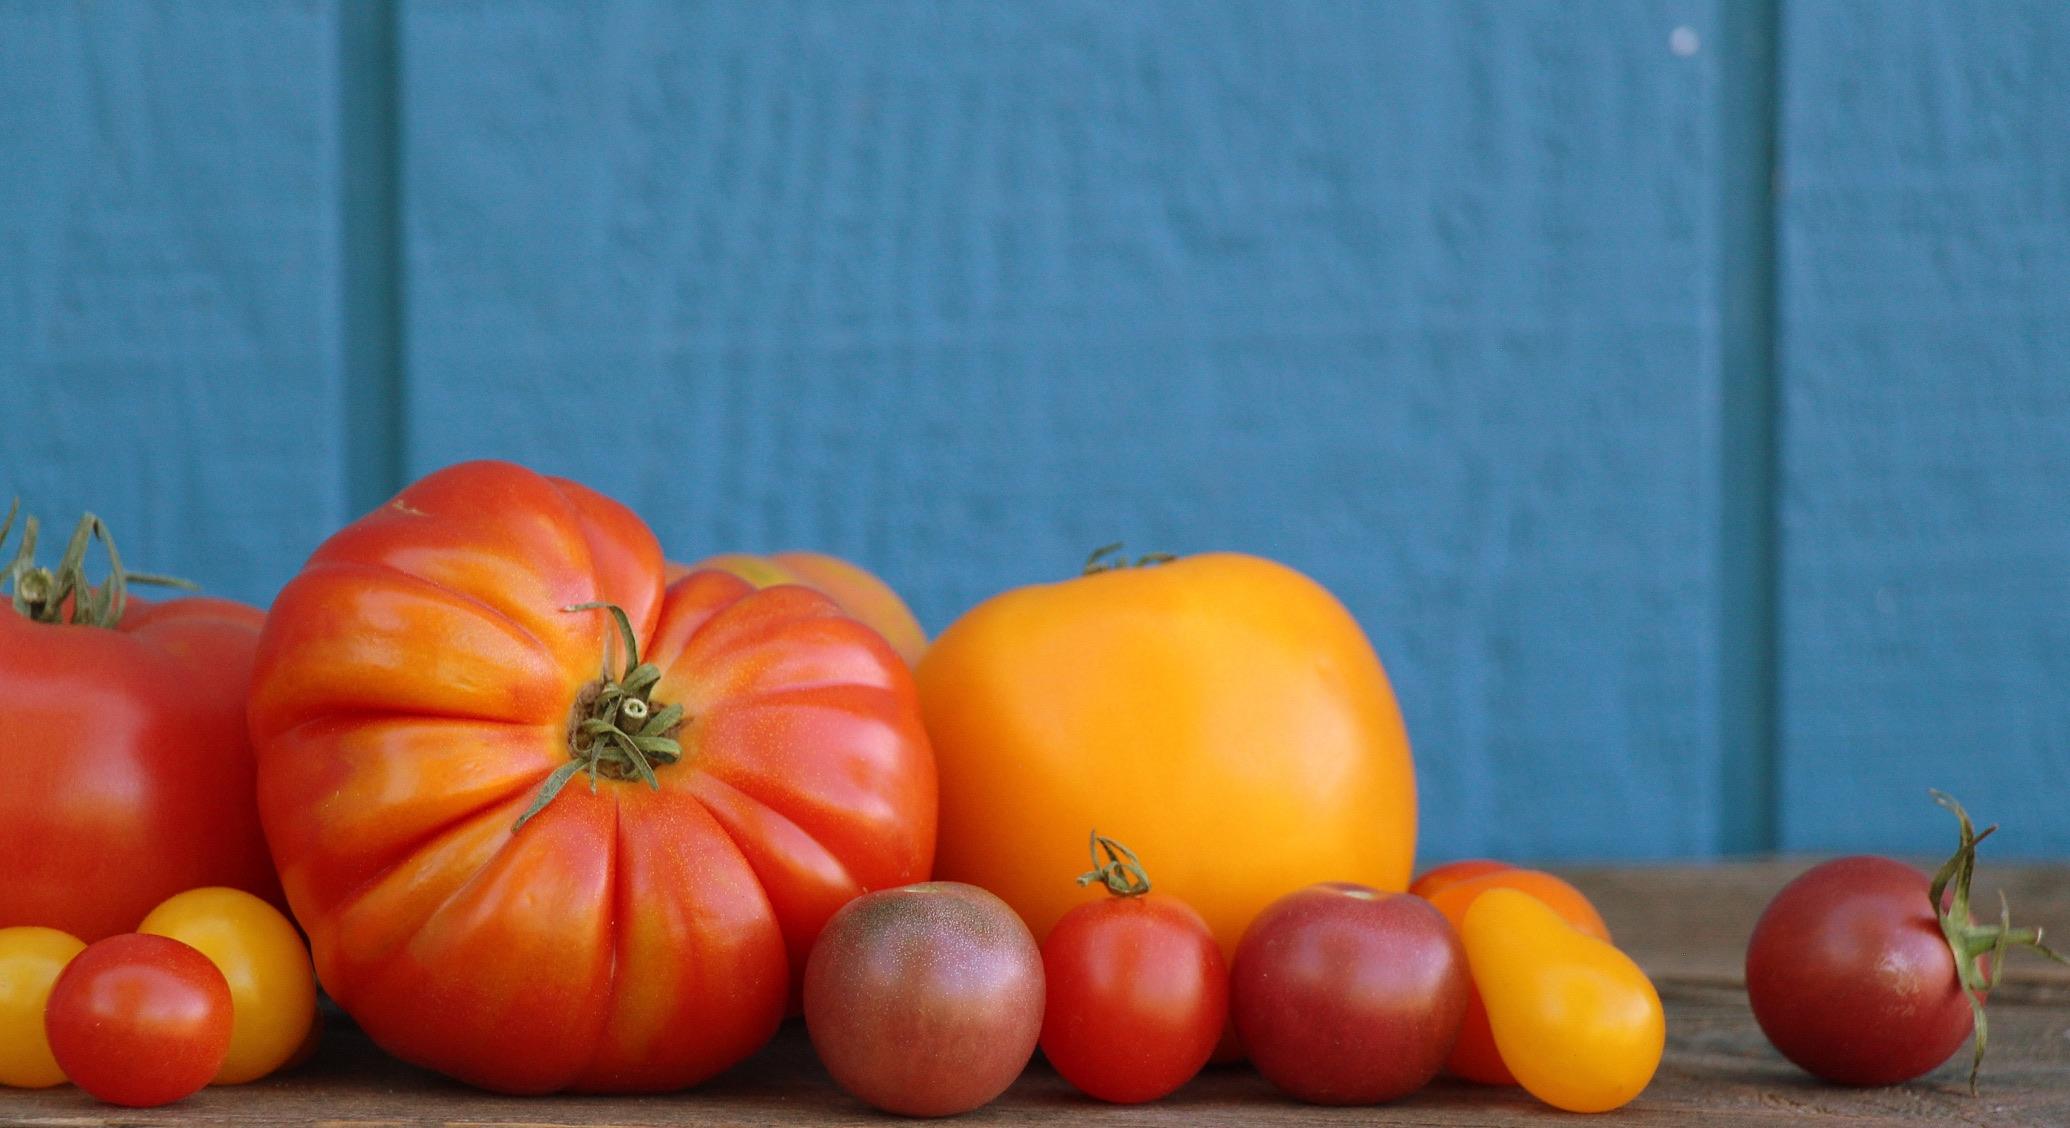 Tomatoes-2_resized